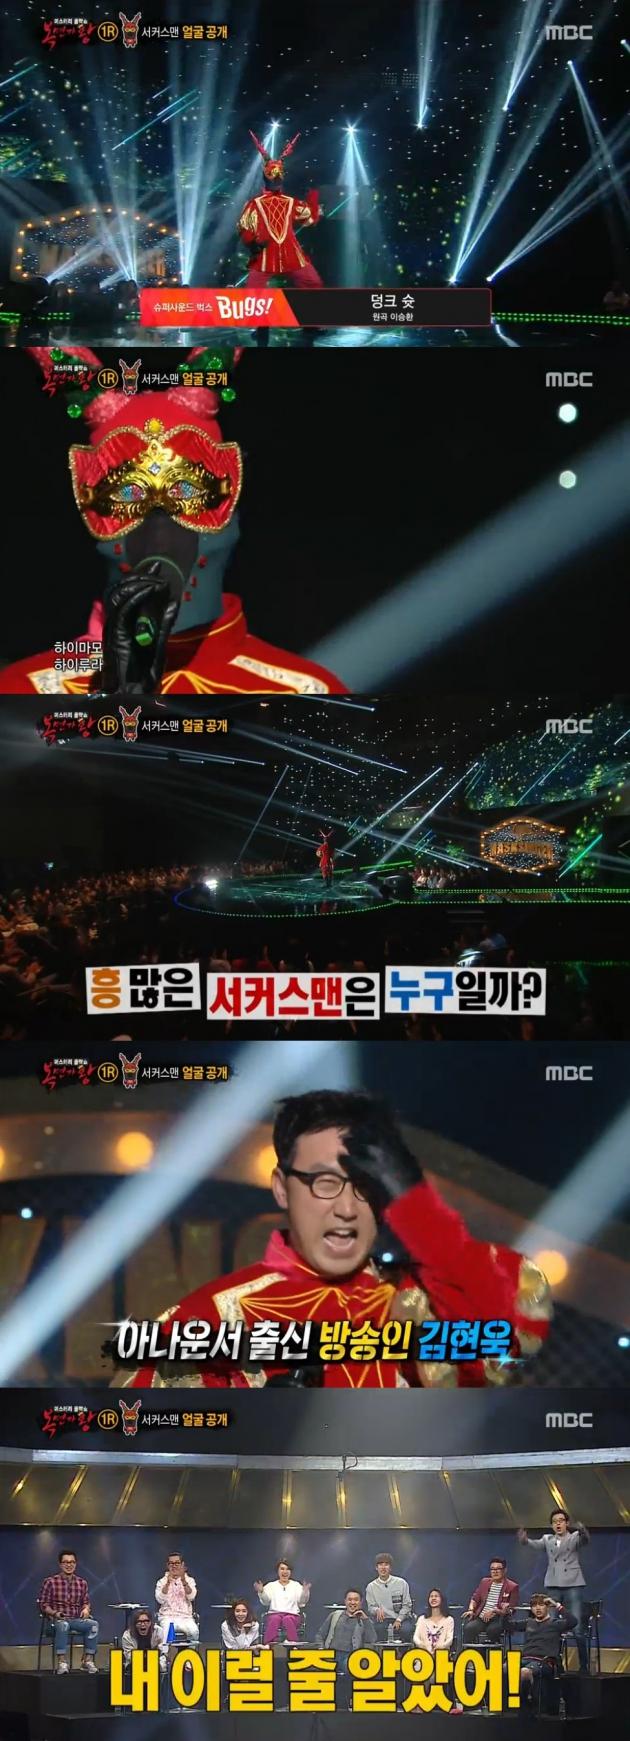 '복면가왕' 서커스맨 김현욱 / '복면가왕' 서커스맨 김현욱 사진=MBC 방송 캡처